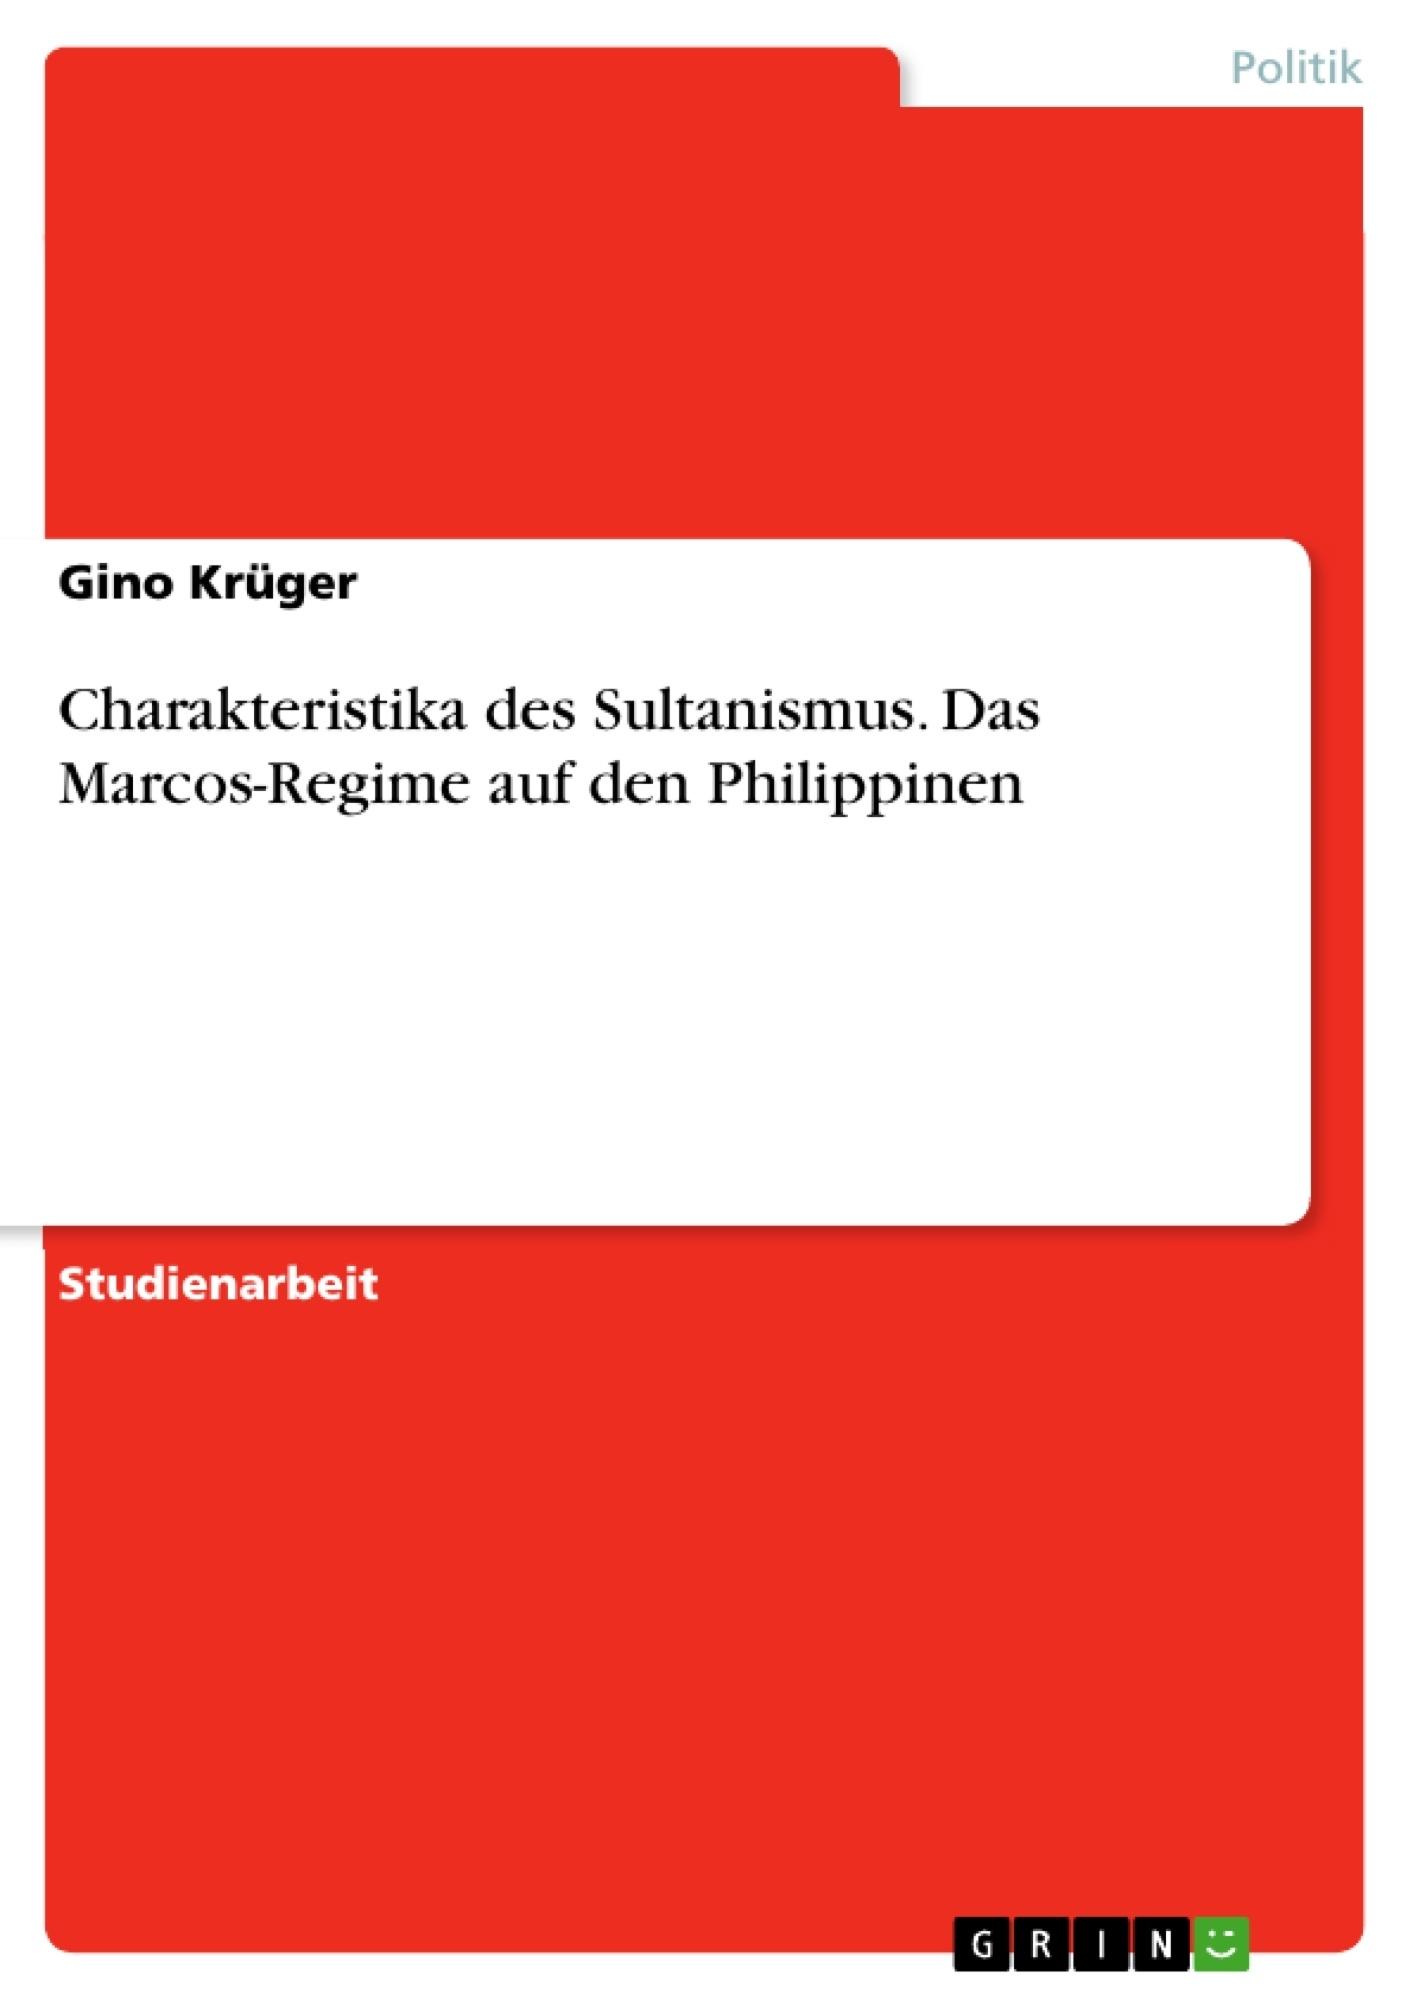 Titel: Charakteristika des Sultanismus. Das Marcos-Regime auf den Philippinen